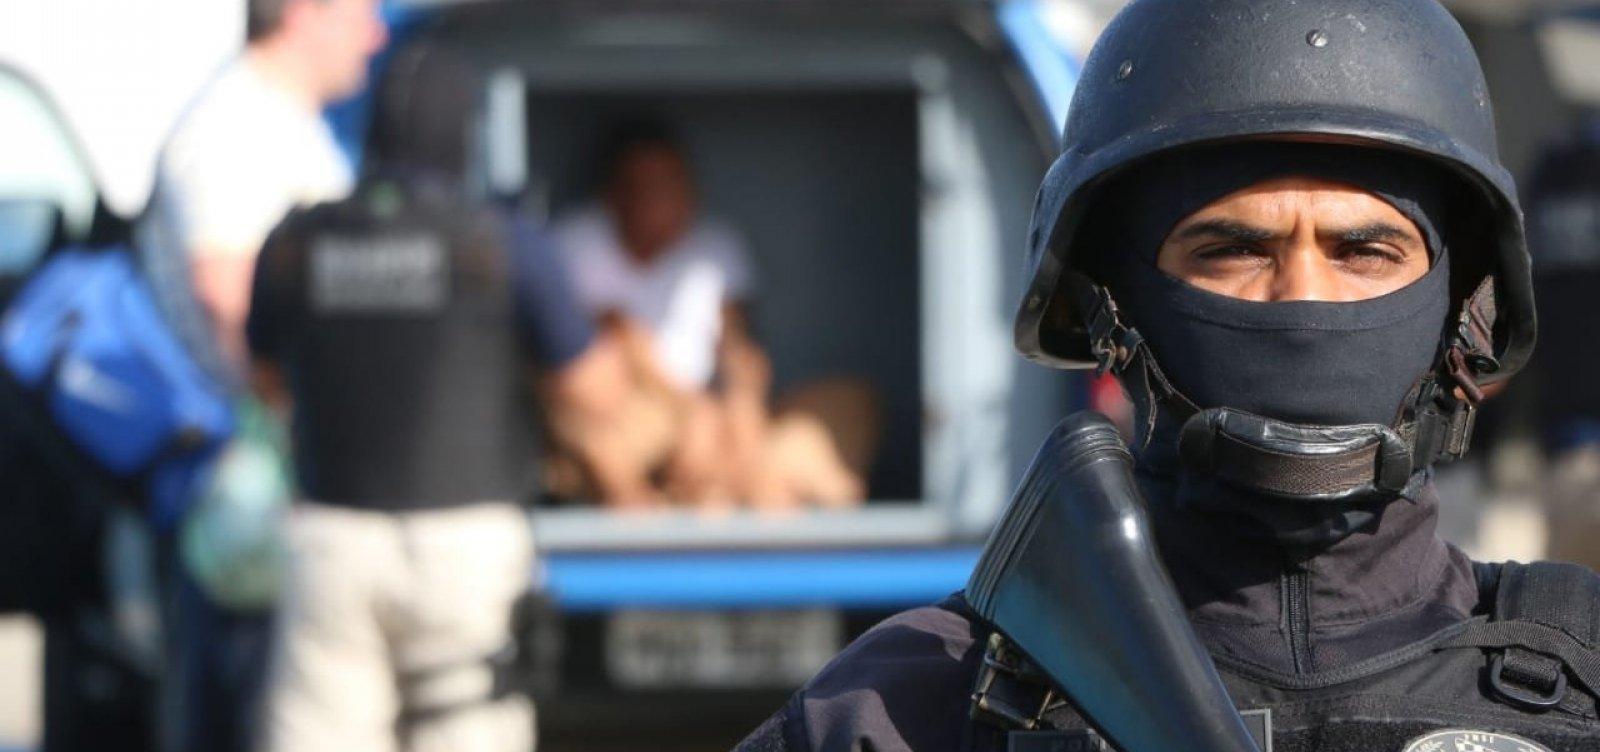 [Acusado de matar cabo da PM e seguranças de show do Harmonia é apresentado pela polícia]